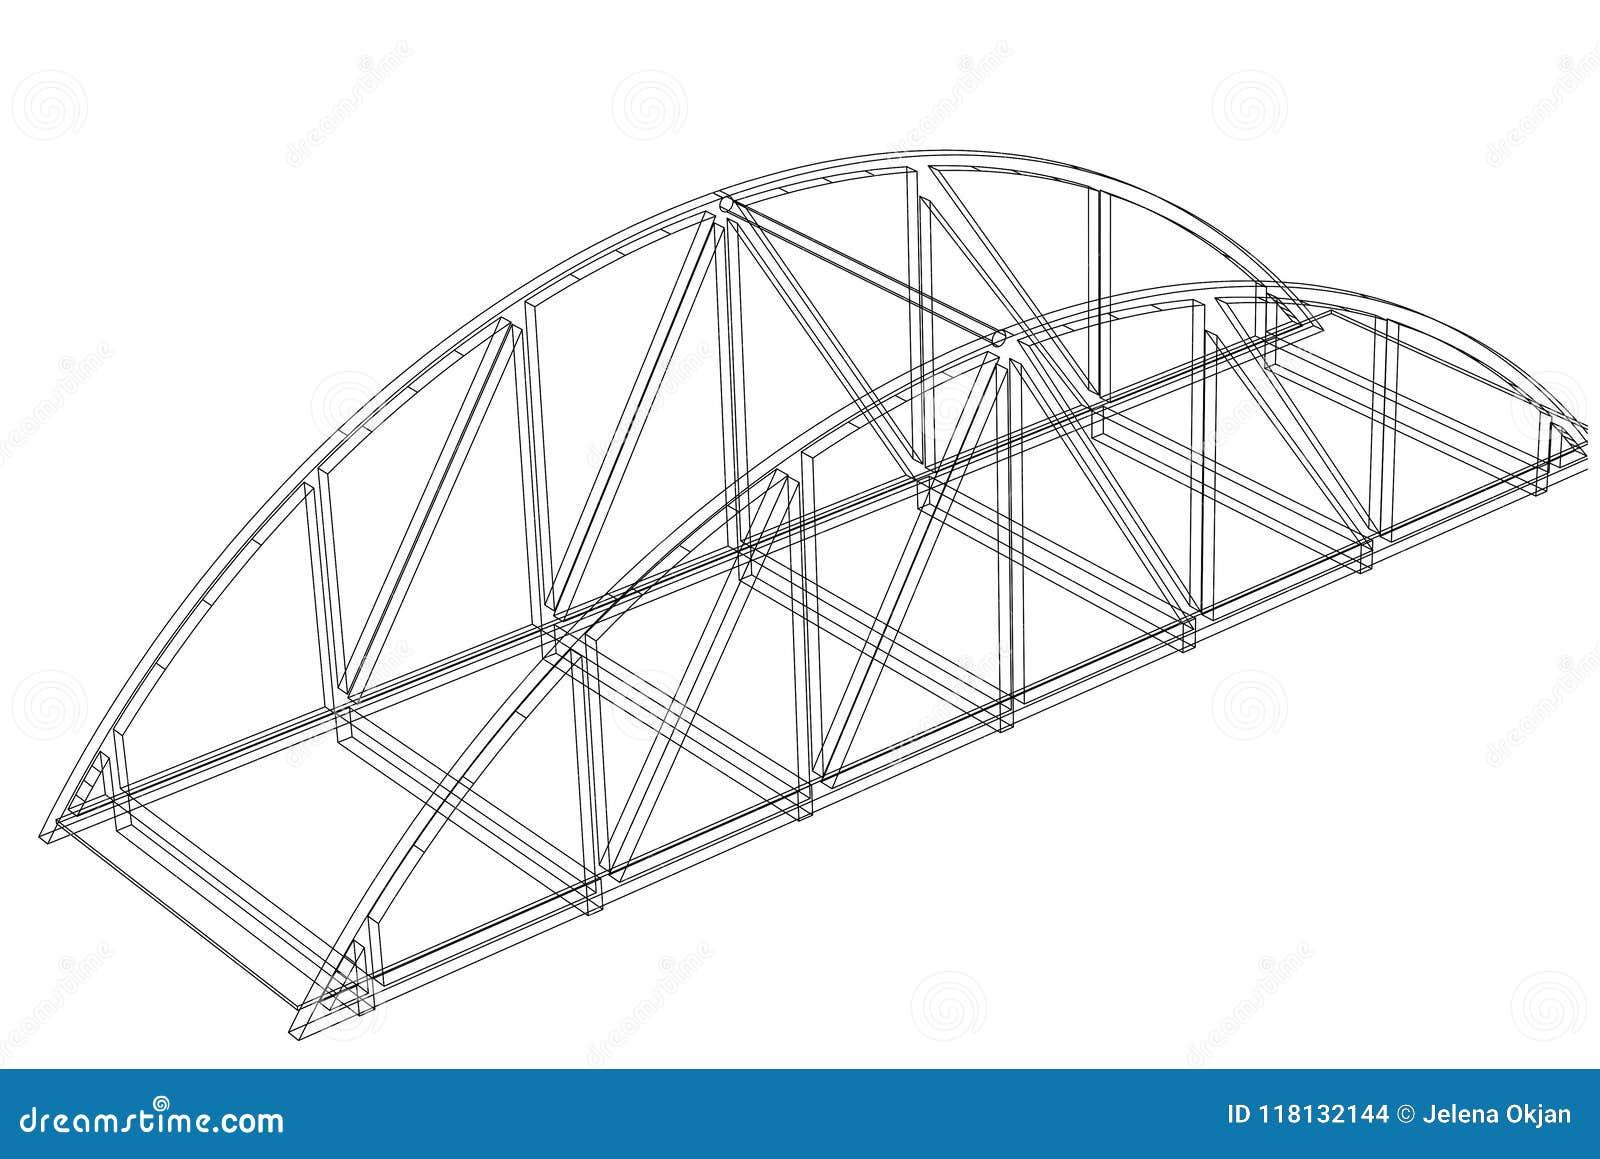 Bridge Architect blueprint - isolated